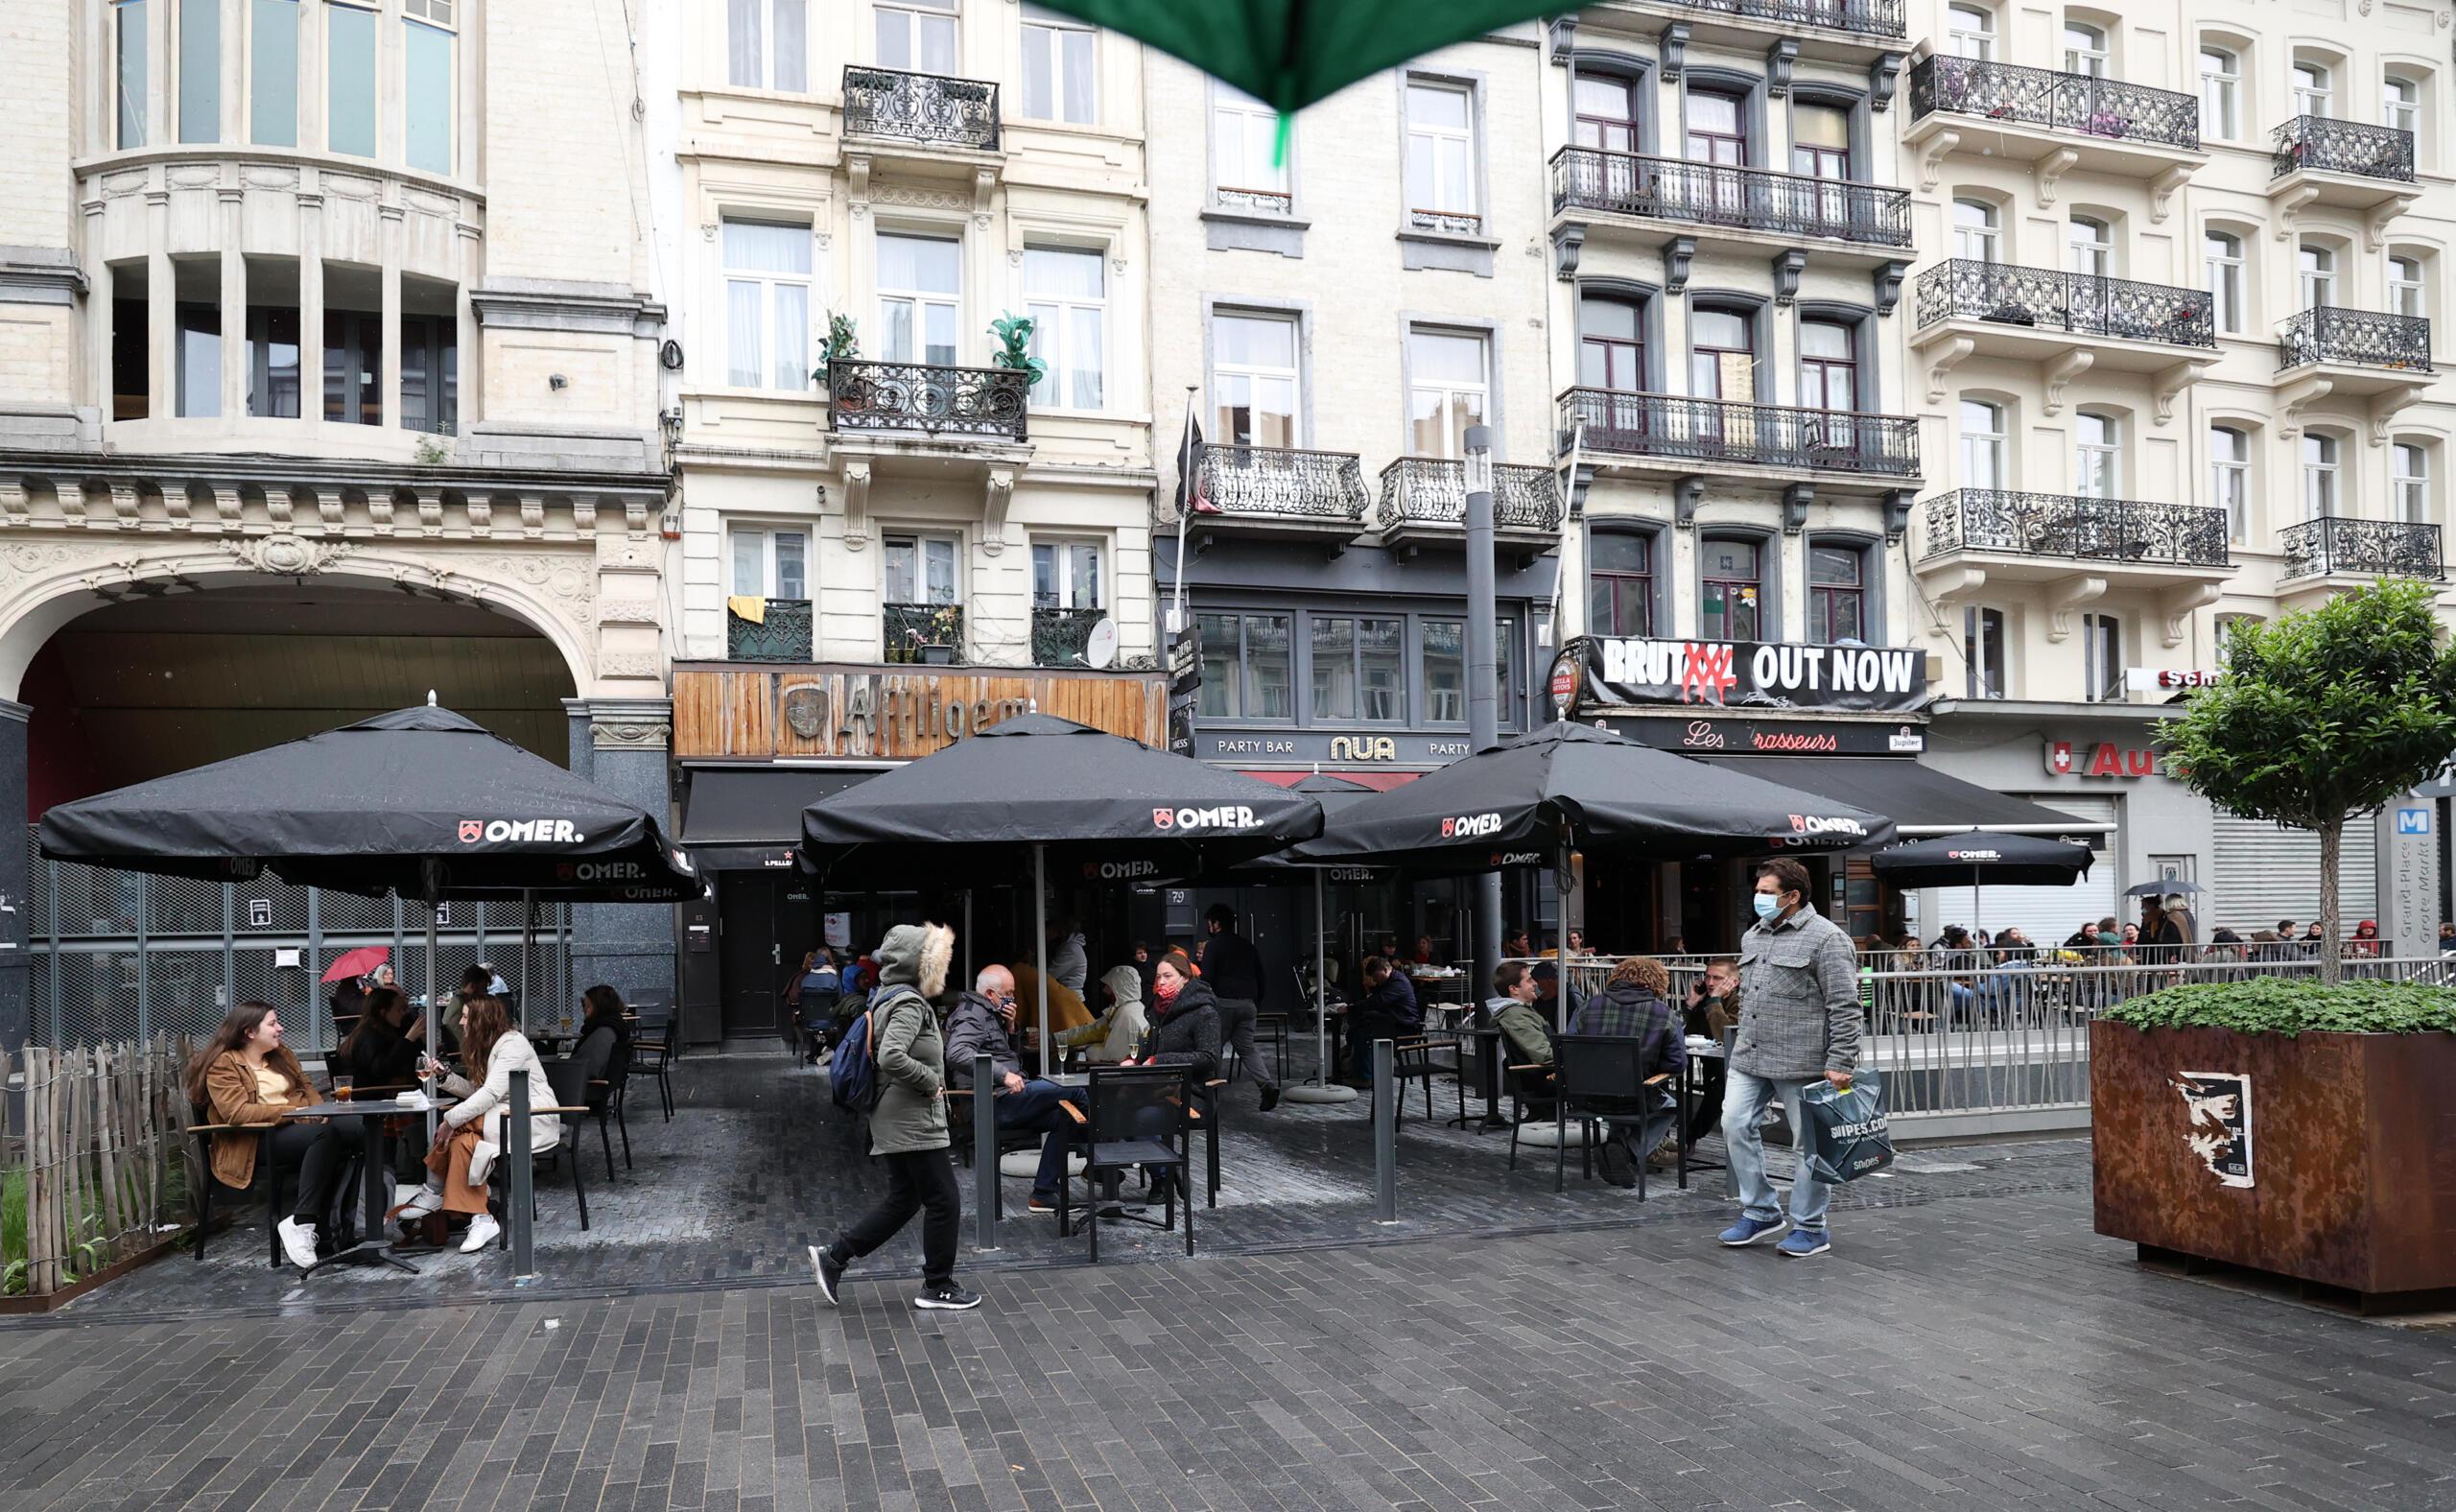 Belçika 16-17 yaşındakileri Kovid-19'a karşı aşılamaya başlayacak